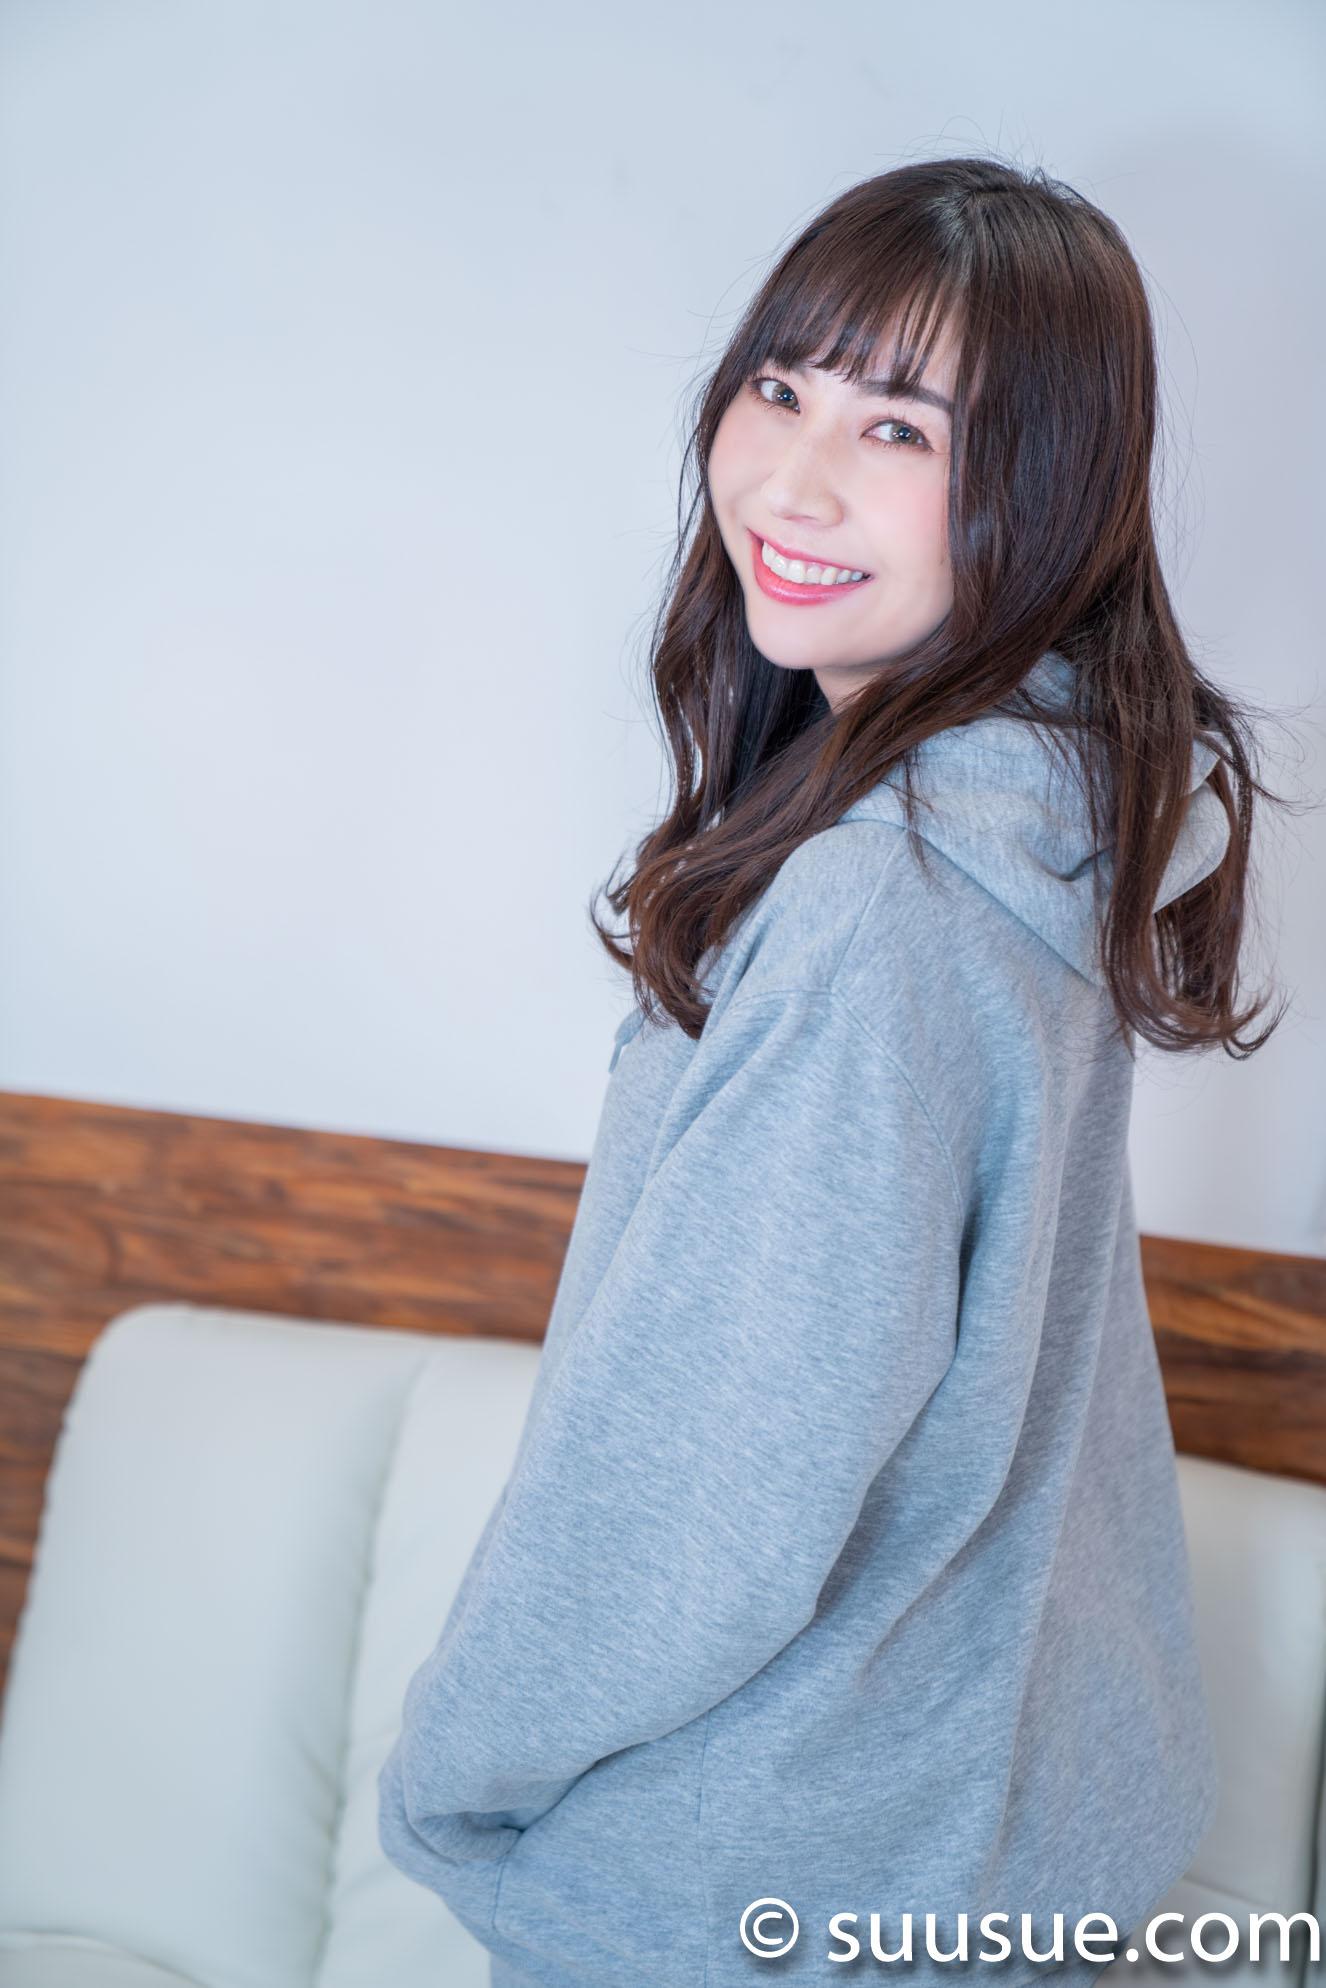 2019/03/31 緑川ちひろ スタイルコーポレーション撮影会